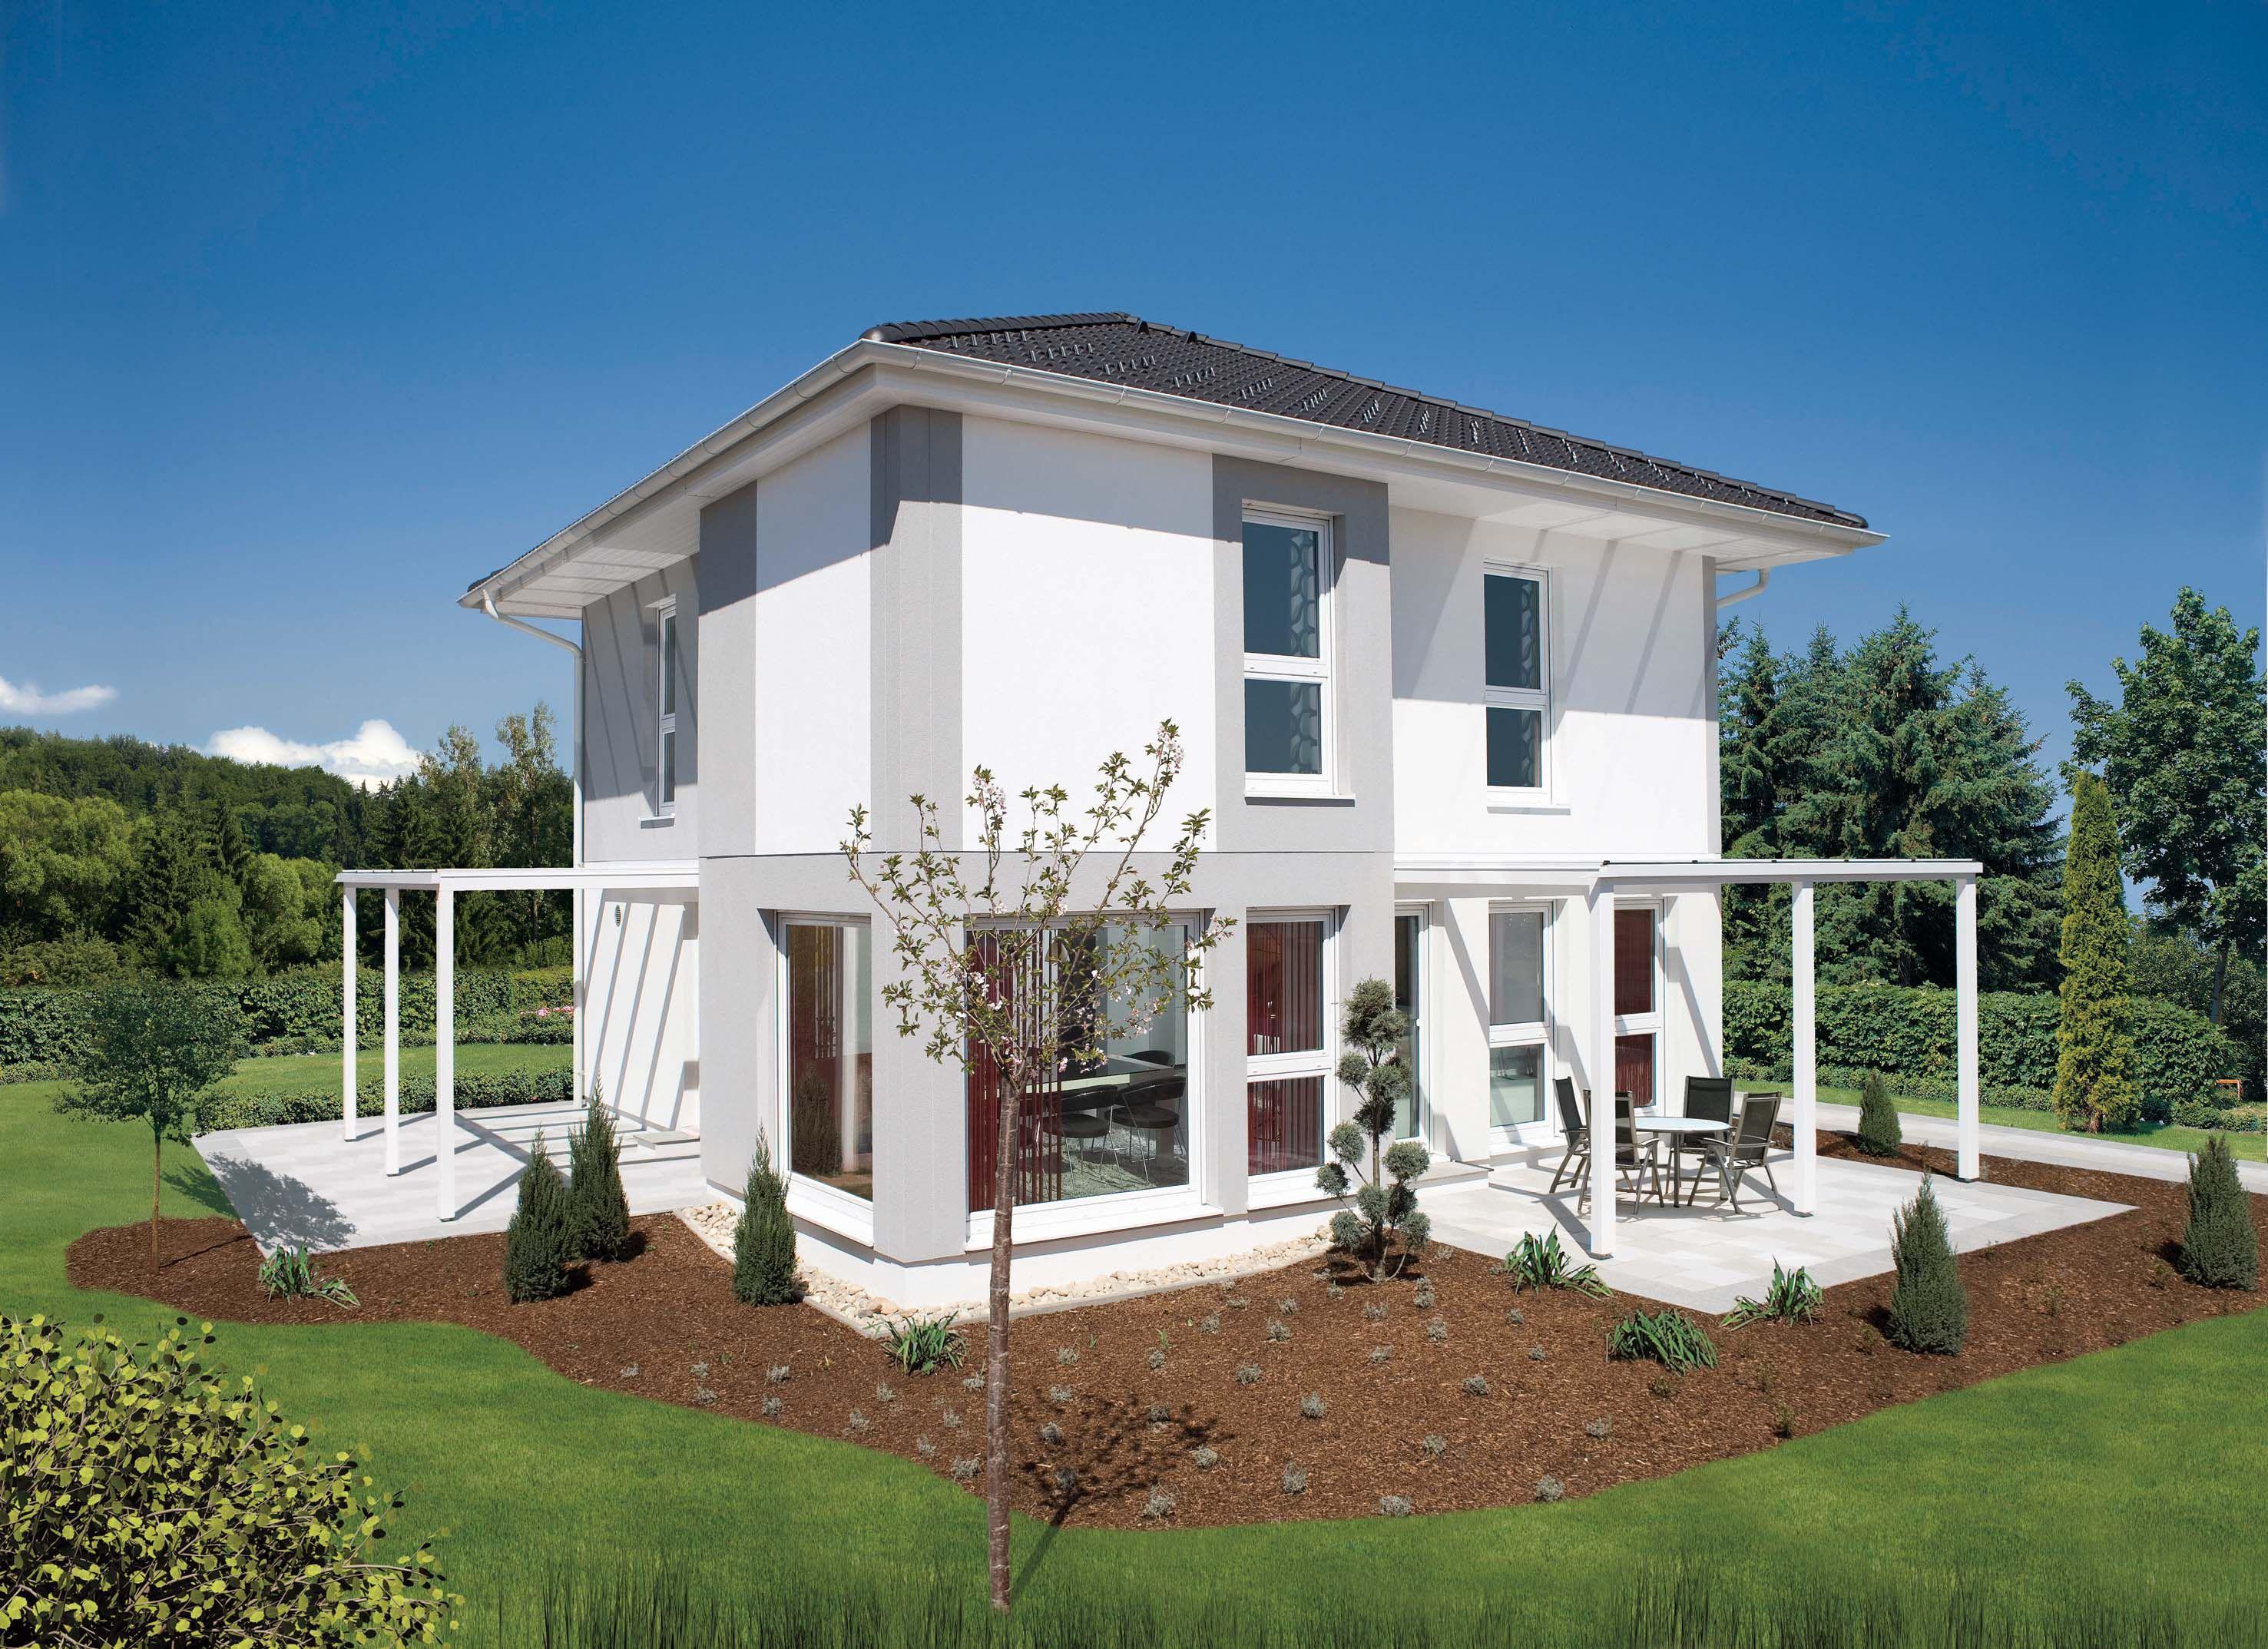 ELK Fertighaus GmbH. http://www.unger-park.de/musterhaus ...